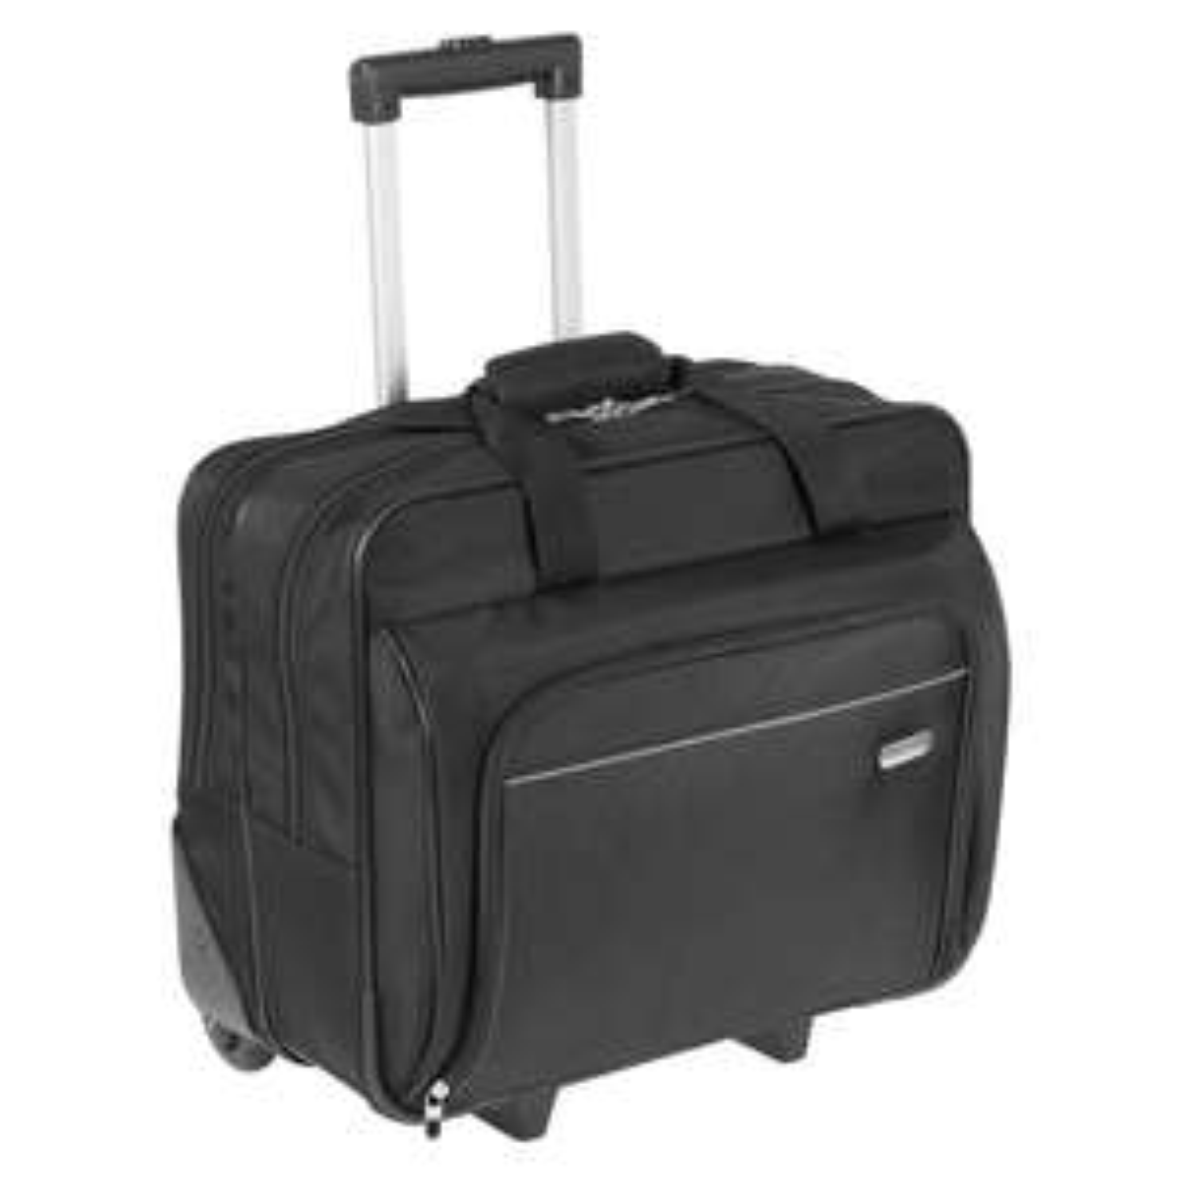 Targus TBR003EU Executive Laptop Roller Bag £28.08 @ Amazon